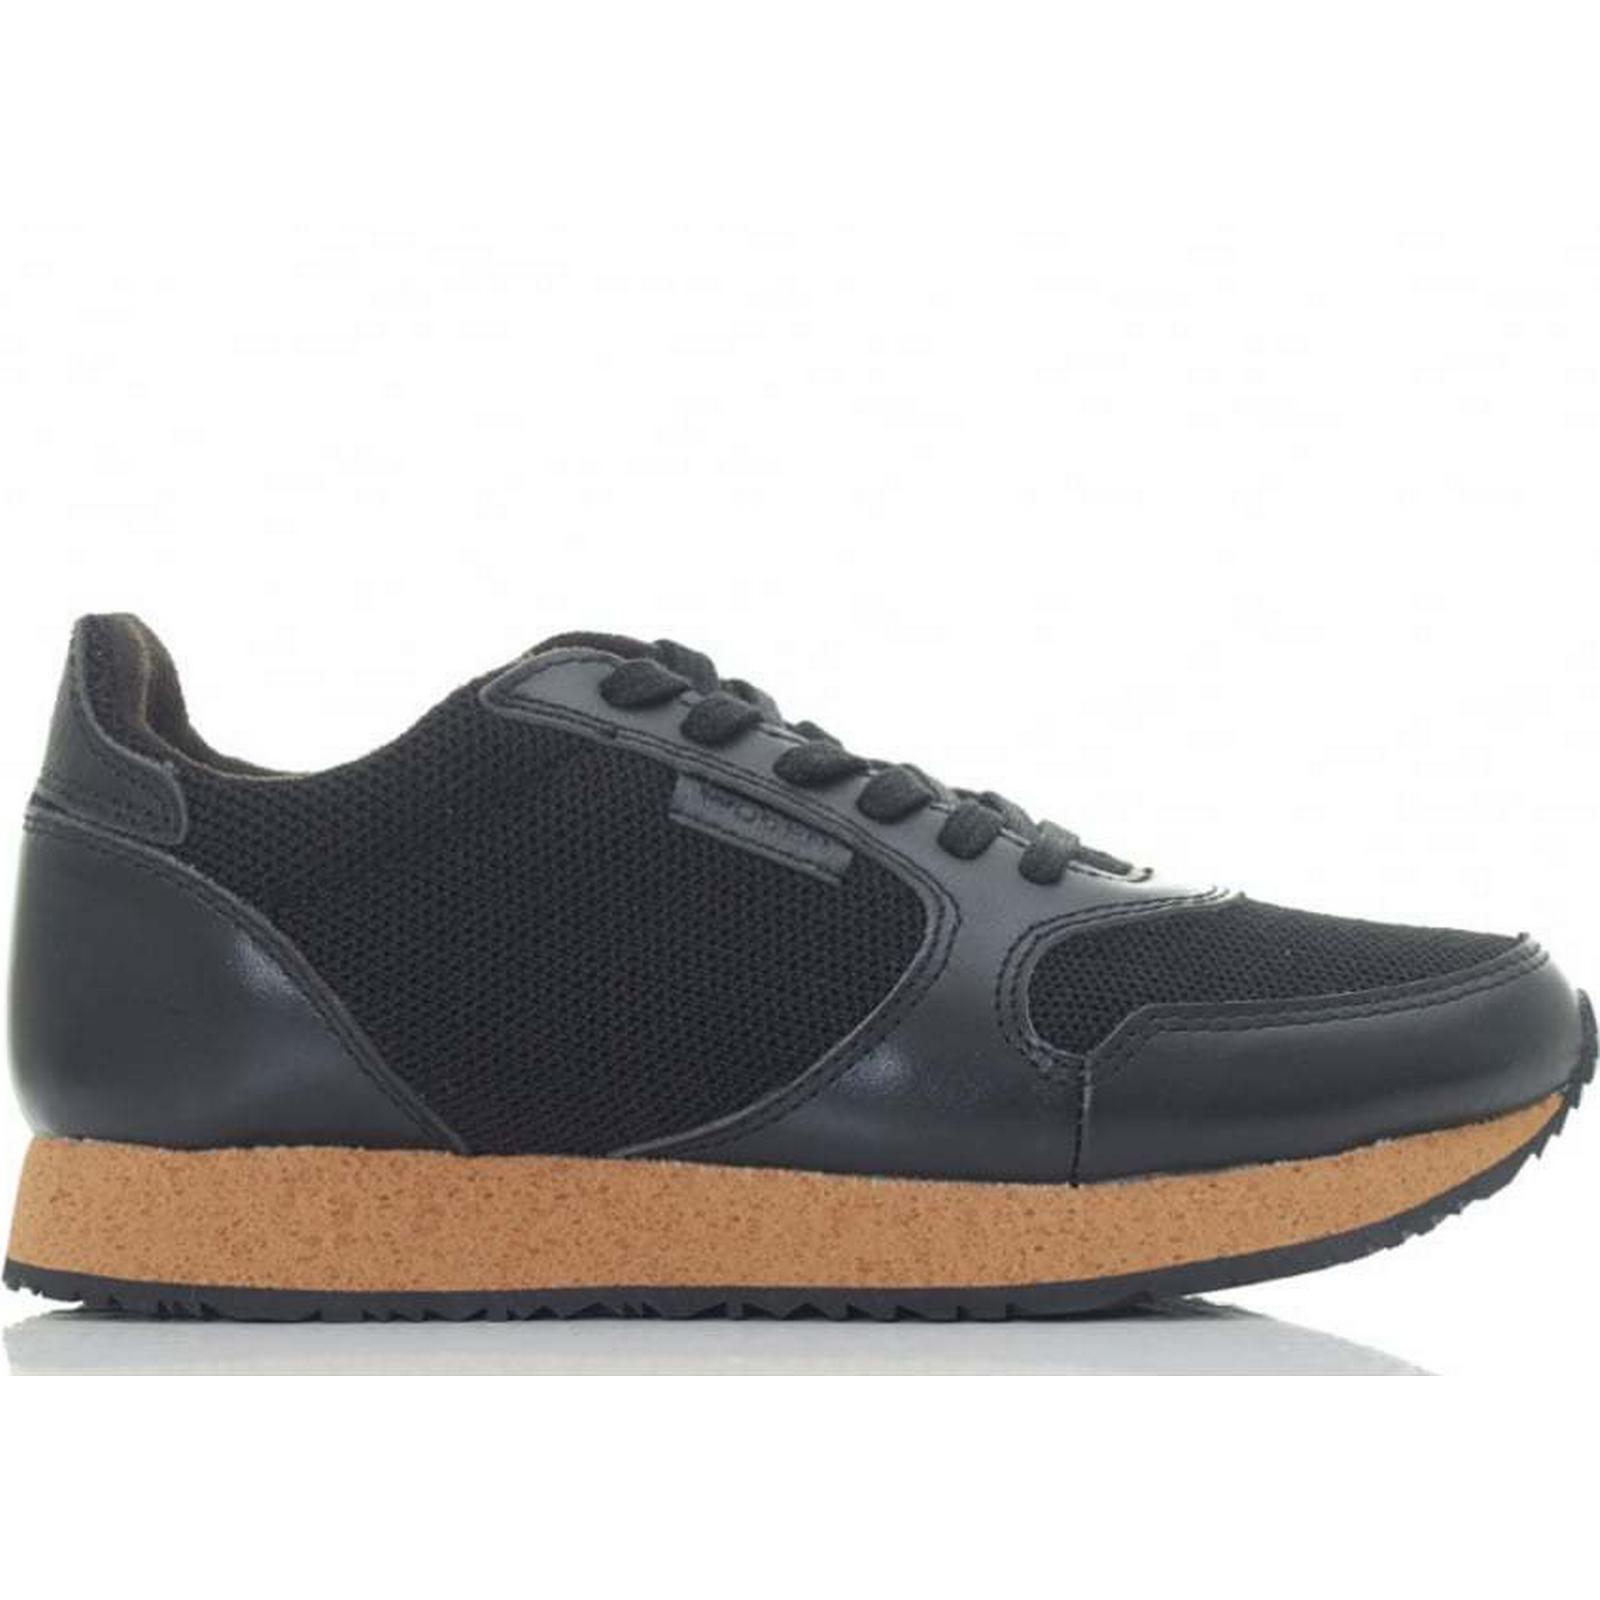 Woden Footwear Ydun Ii Cork Sole 4 Sneakers Colour: BLACK, Size: 4 Sole 4f1a1d